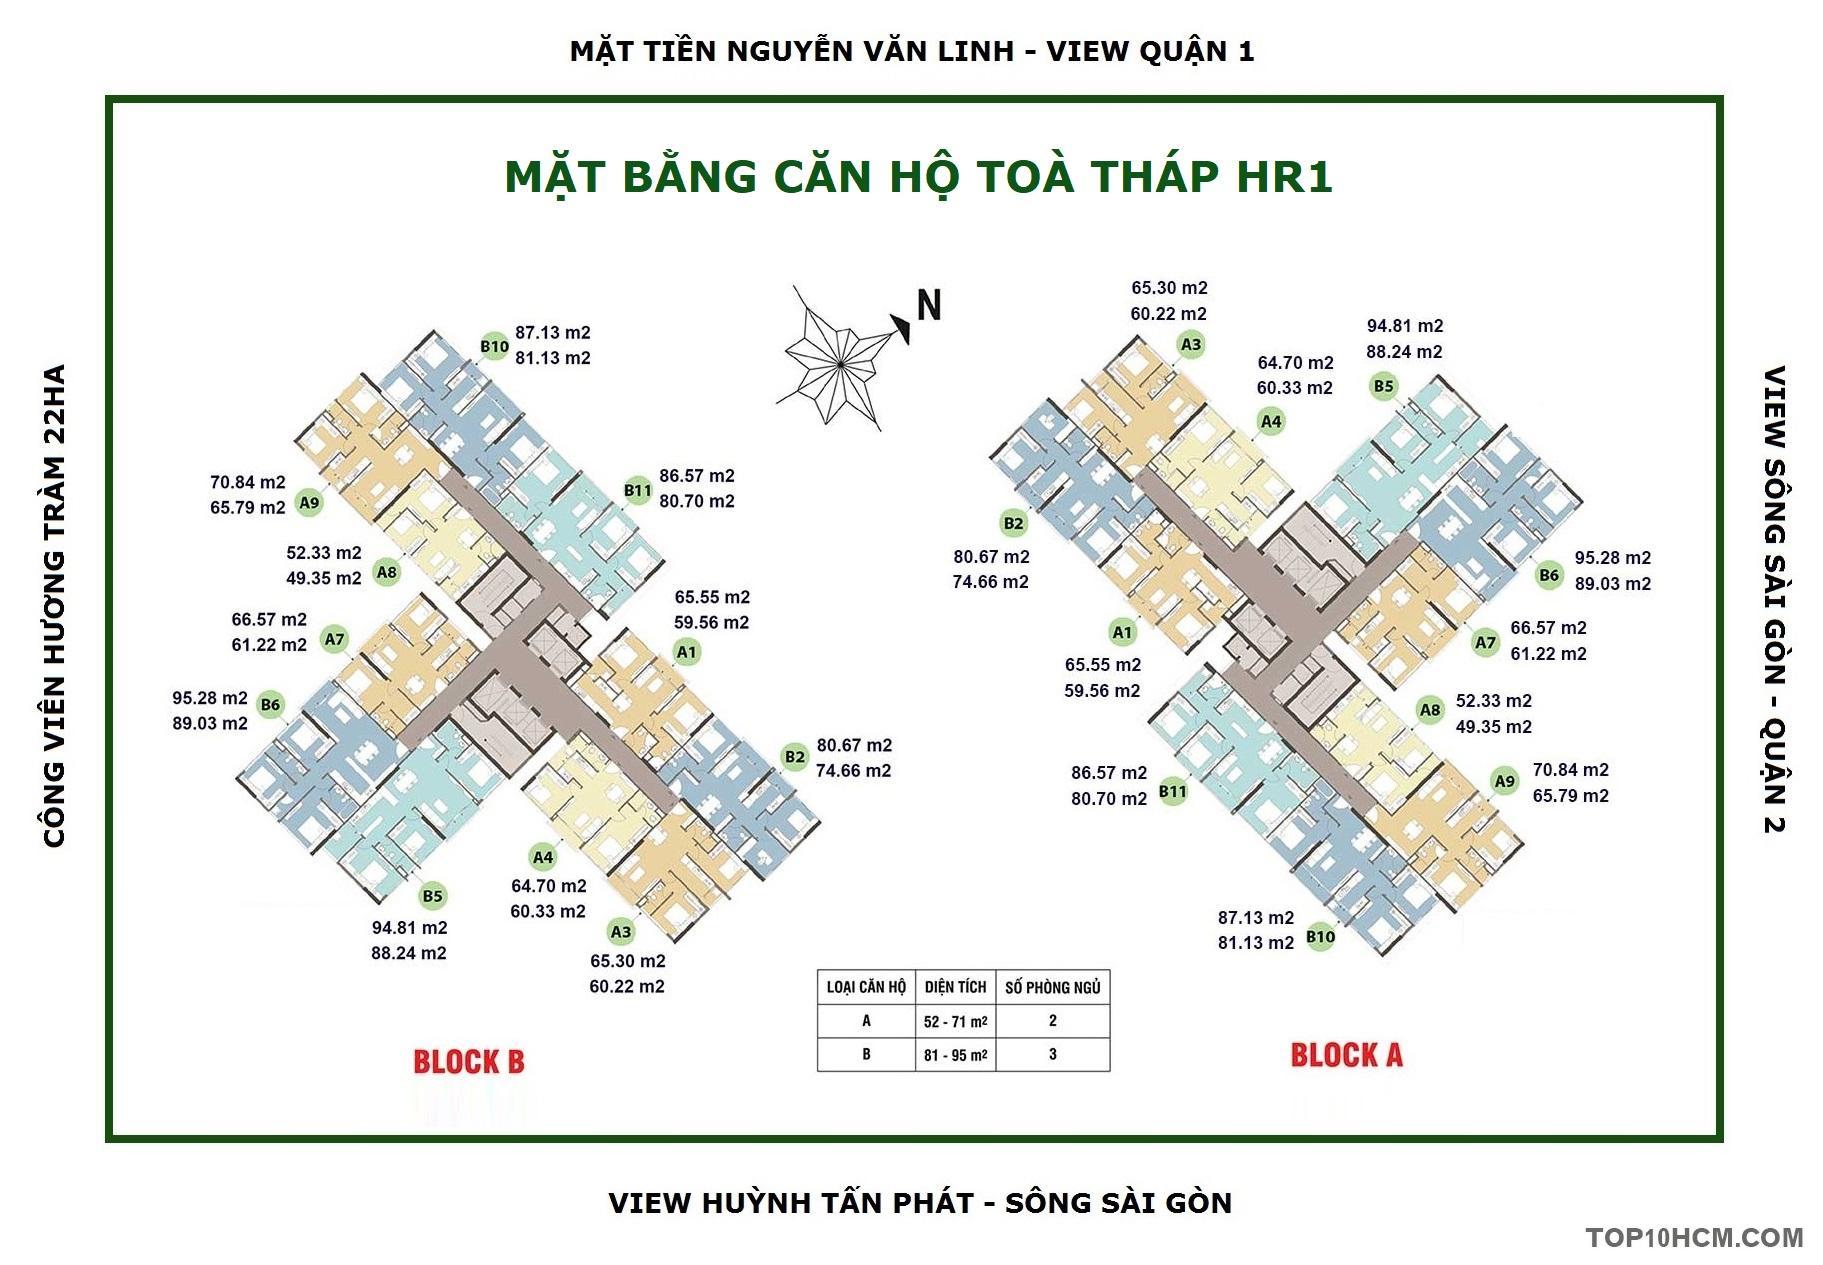 Địa chỉ căn hộ mẫu Dự án Ecogreen Saigon và Bảng giá Dự án